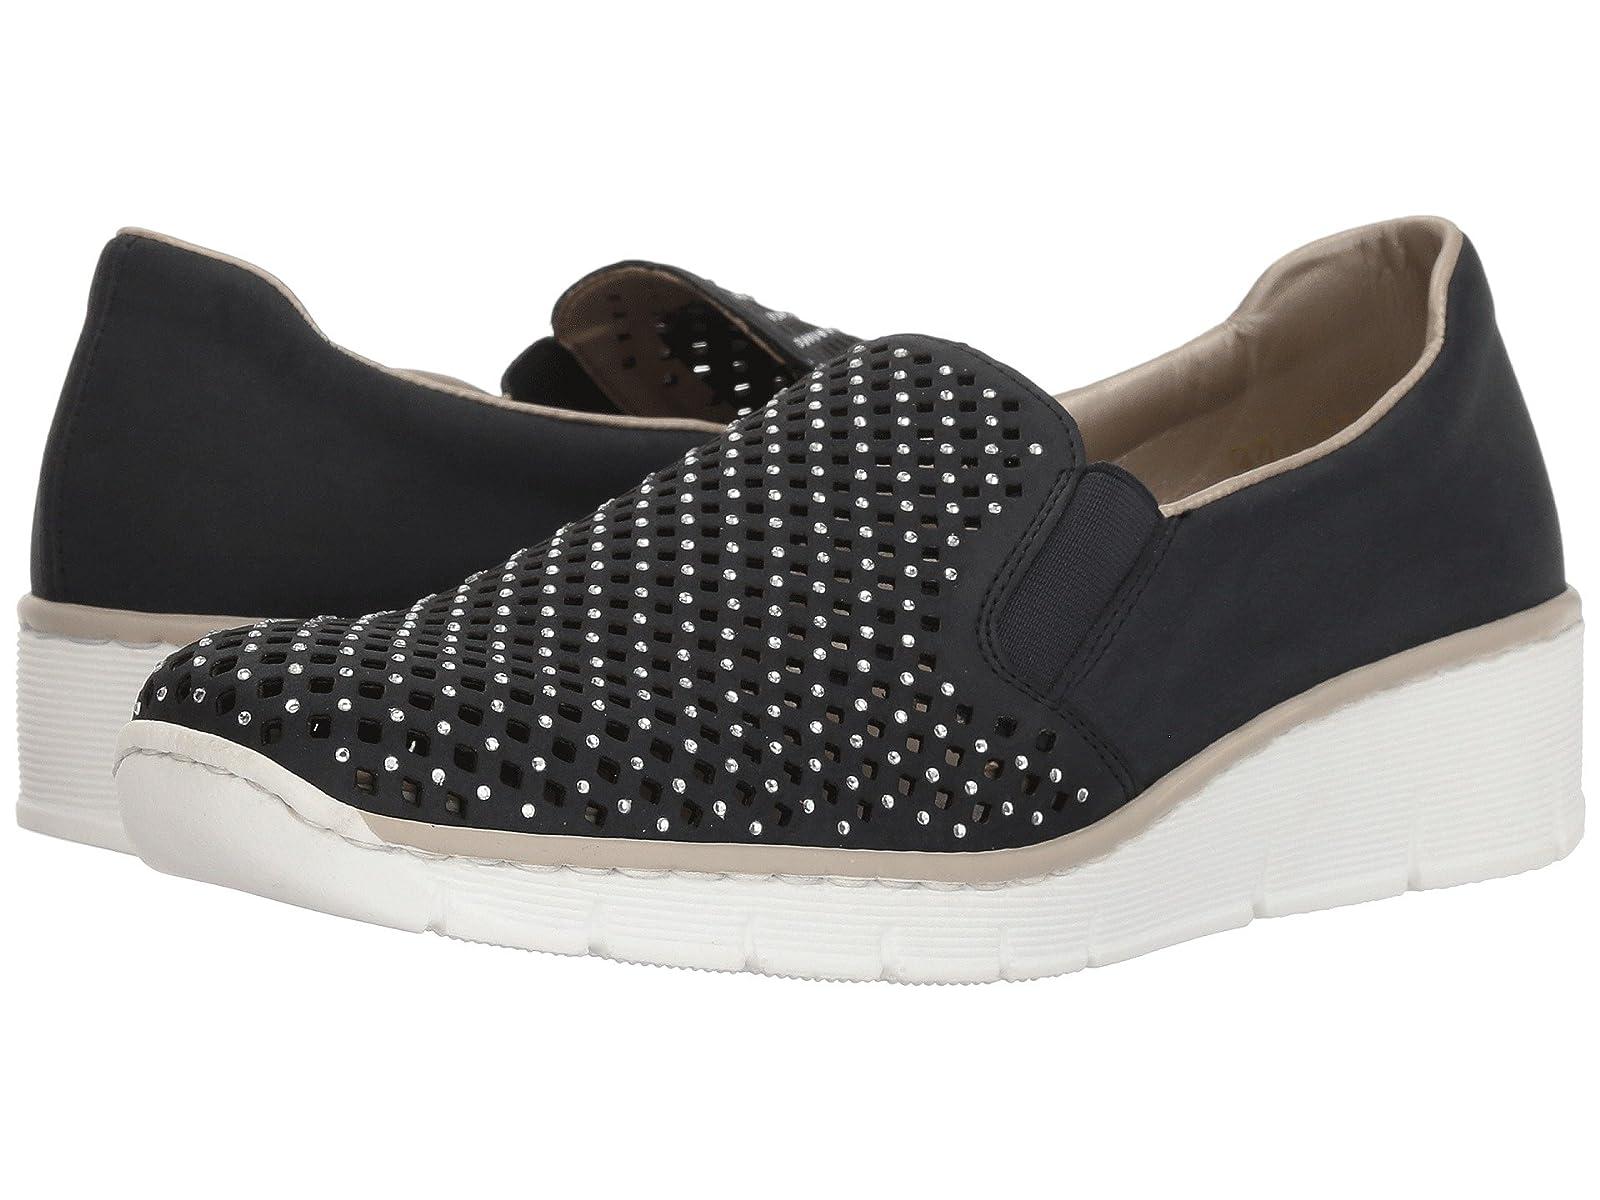 Rieker 537A6 Doris A6Atmospheric grades have affordable shoes